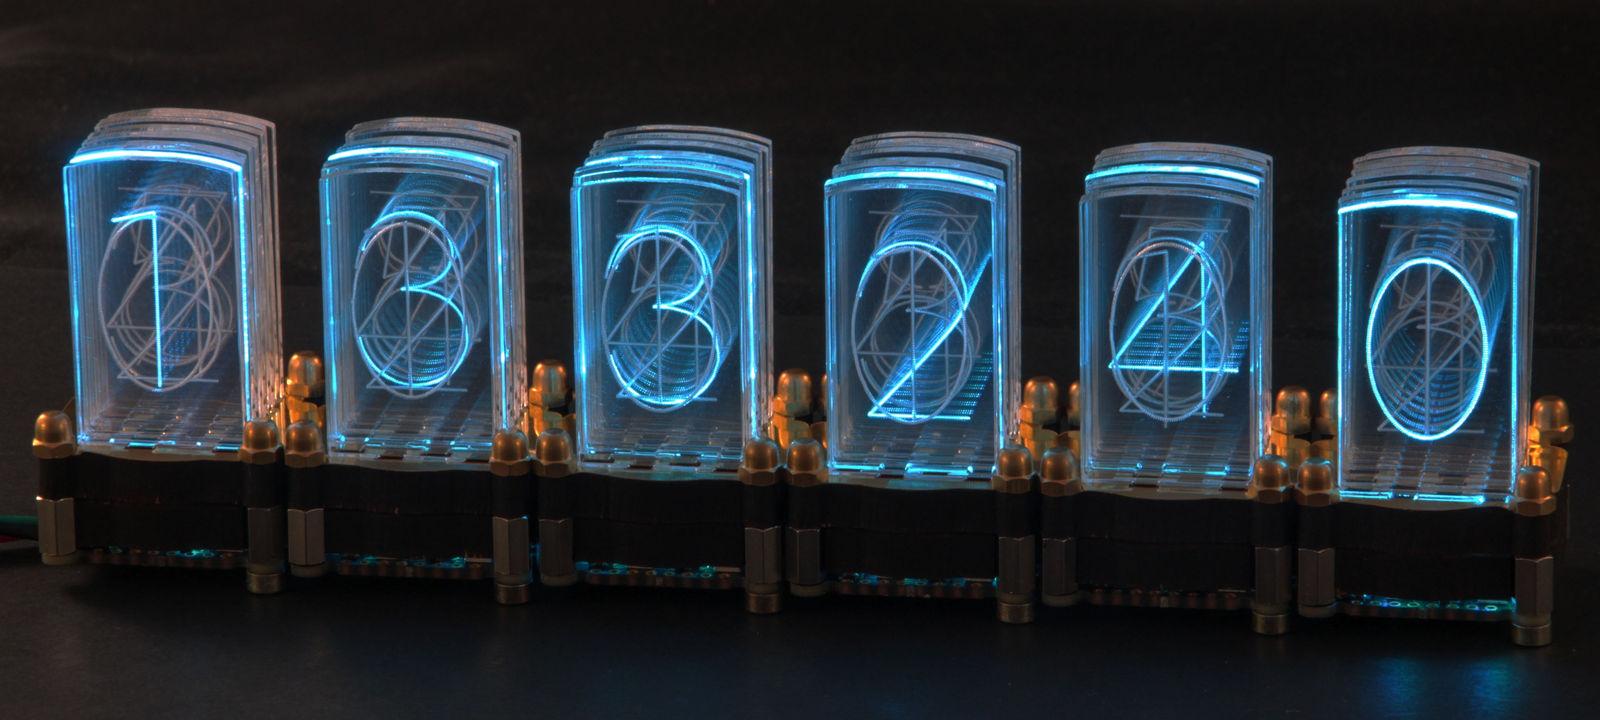 Электронные часы на микросхемах 176 серии и индикаторе из 142.